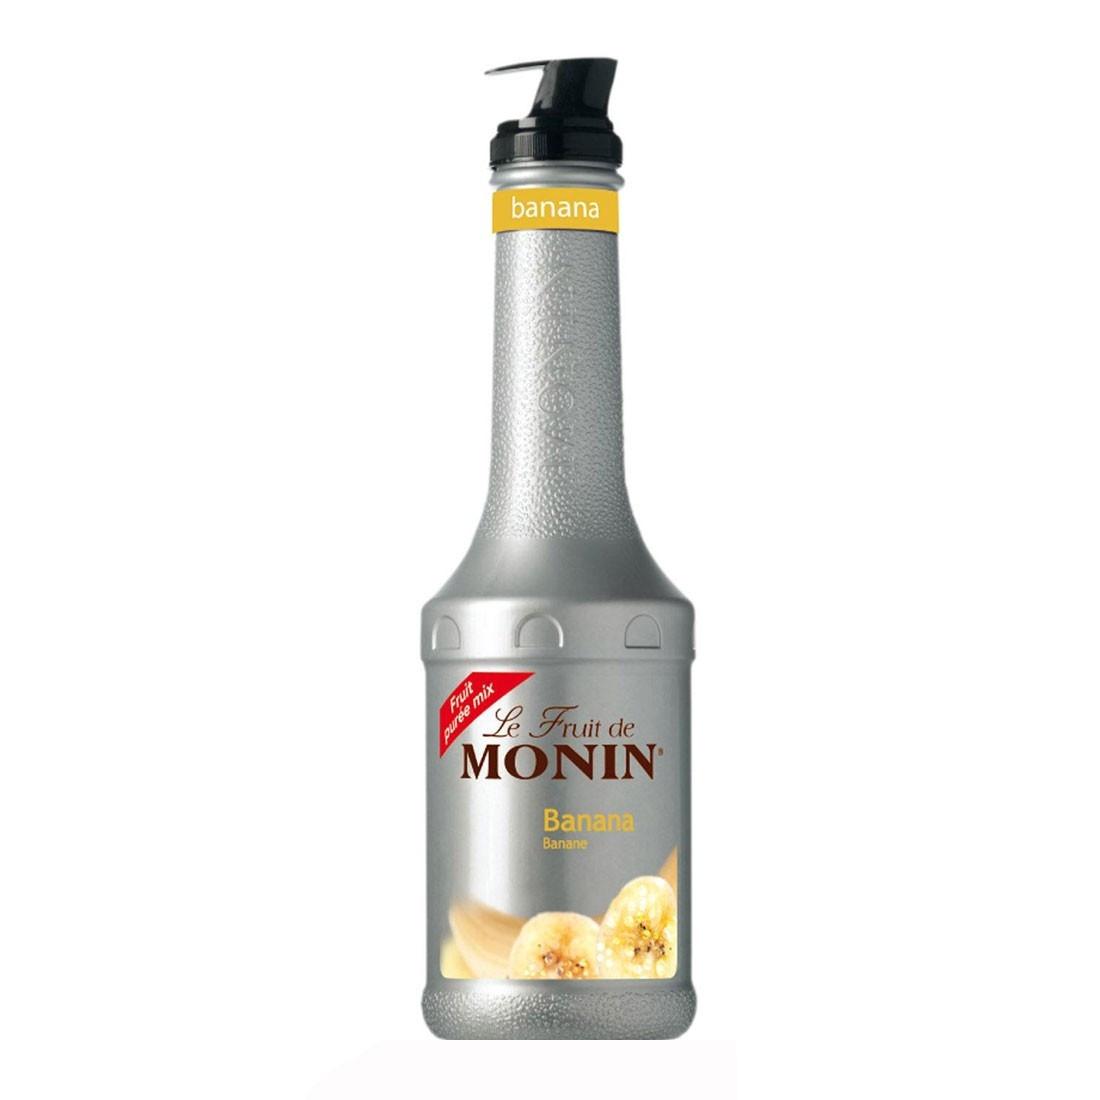 Monin-Banan-Puré